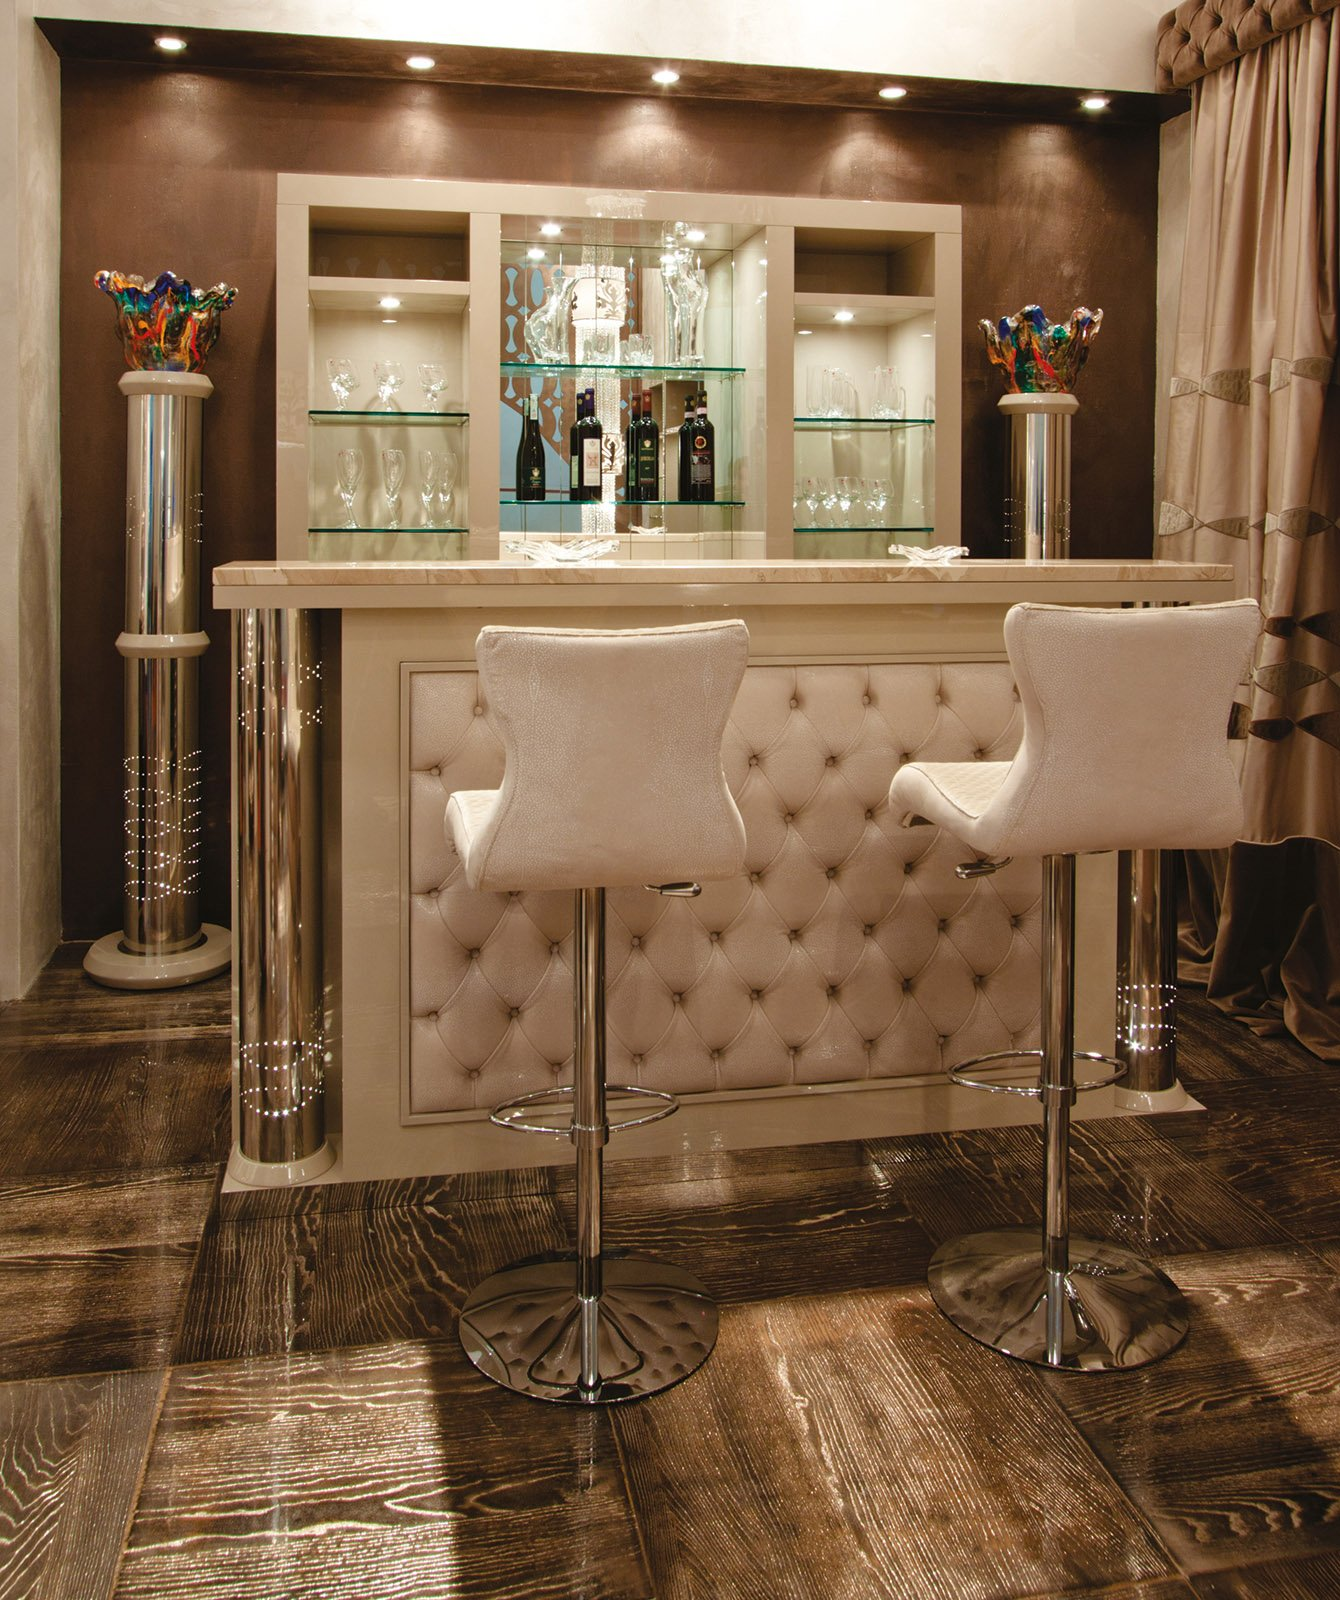 Mobile bar a casa per brindare e fare festa con amici e - Mobili bar da casa ...